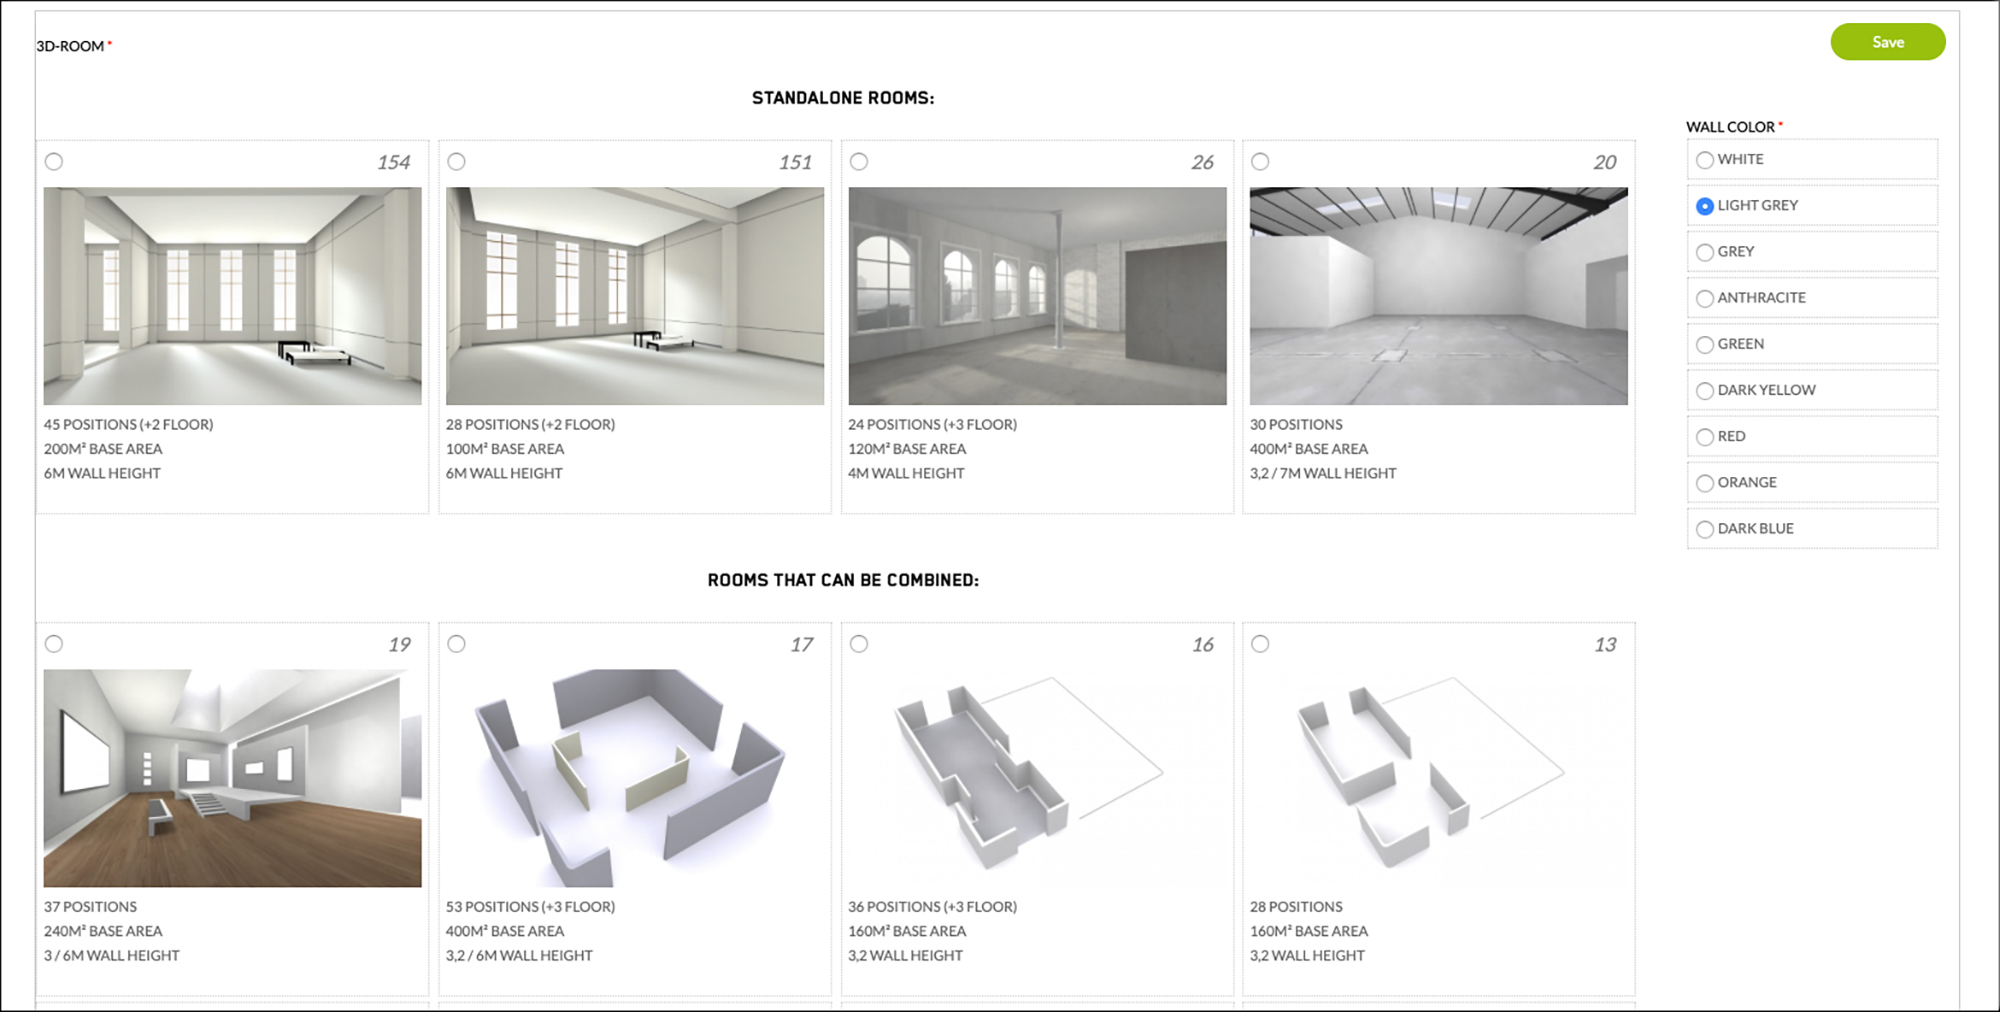 Kunstmatrix Utilizes a Room Metaphor